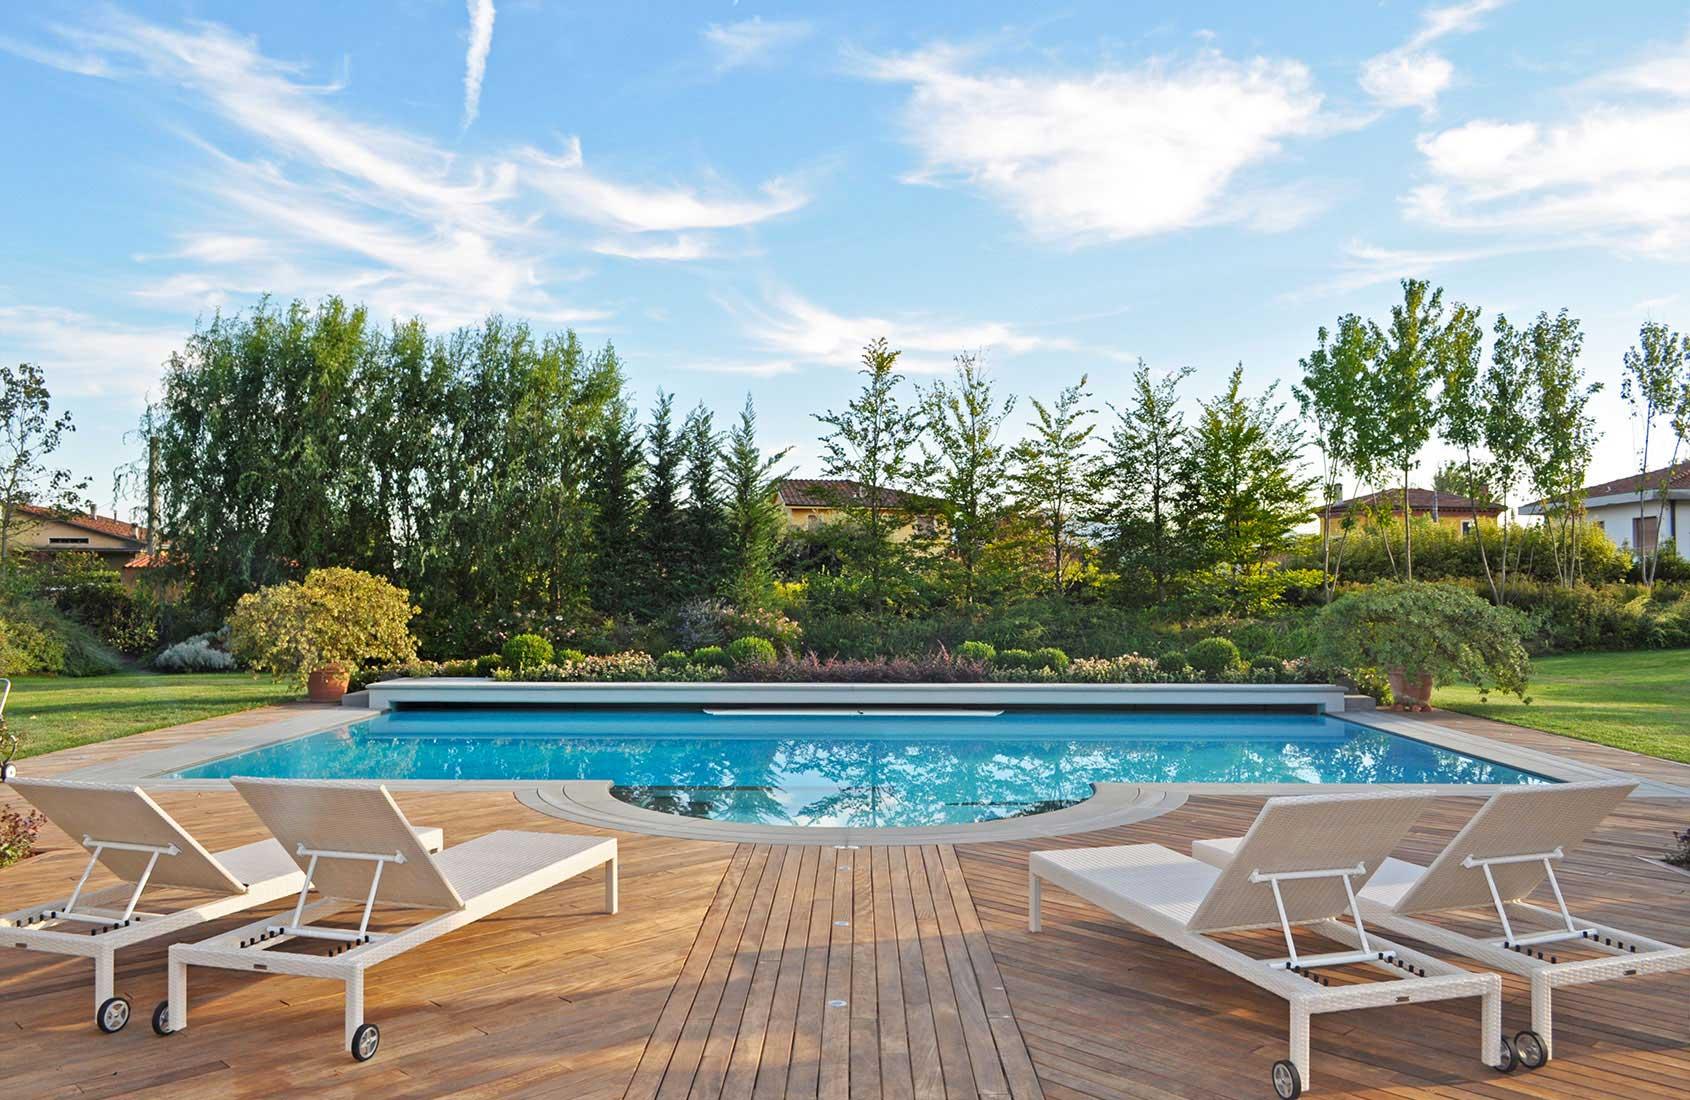 Realizzazione giardini lucca toscana 3g giardini - Green garden piscina ...